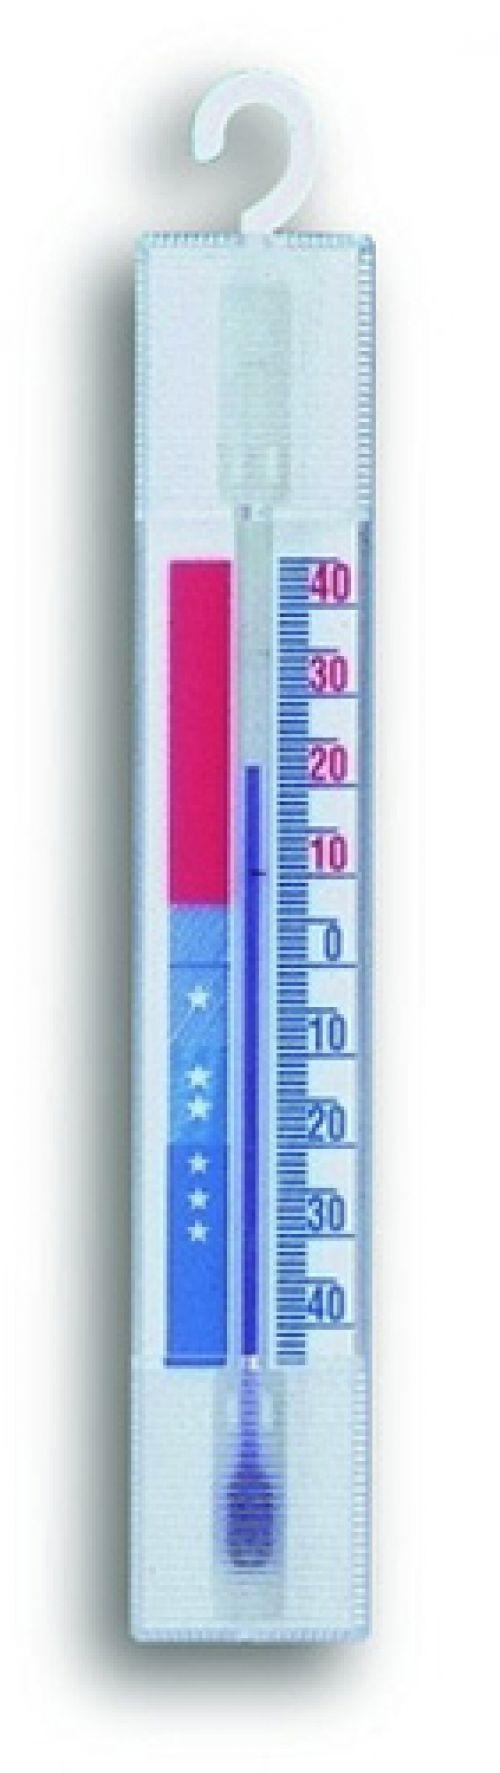 Termometro TFA 14.4000 termómetro de la nevera